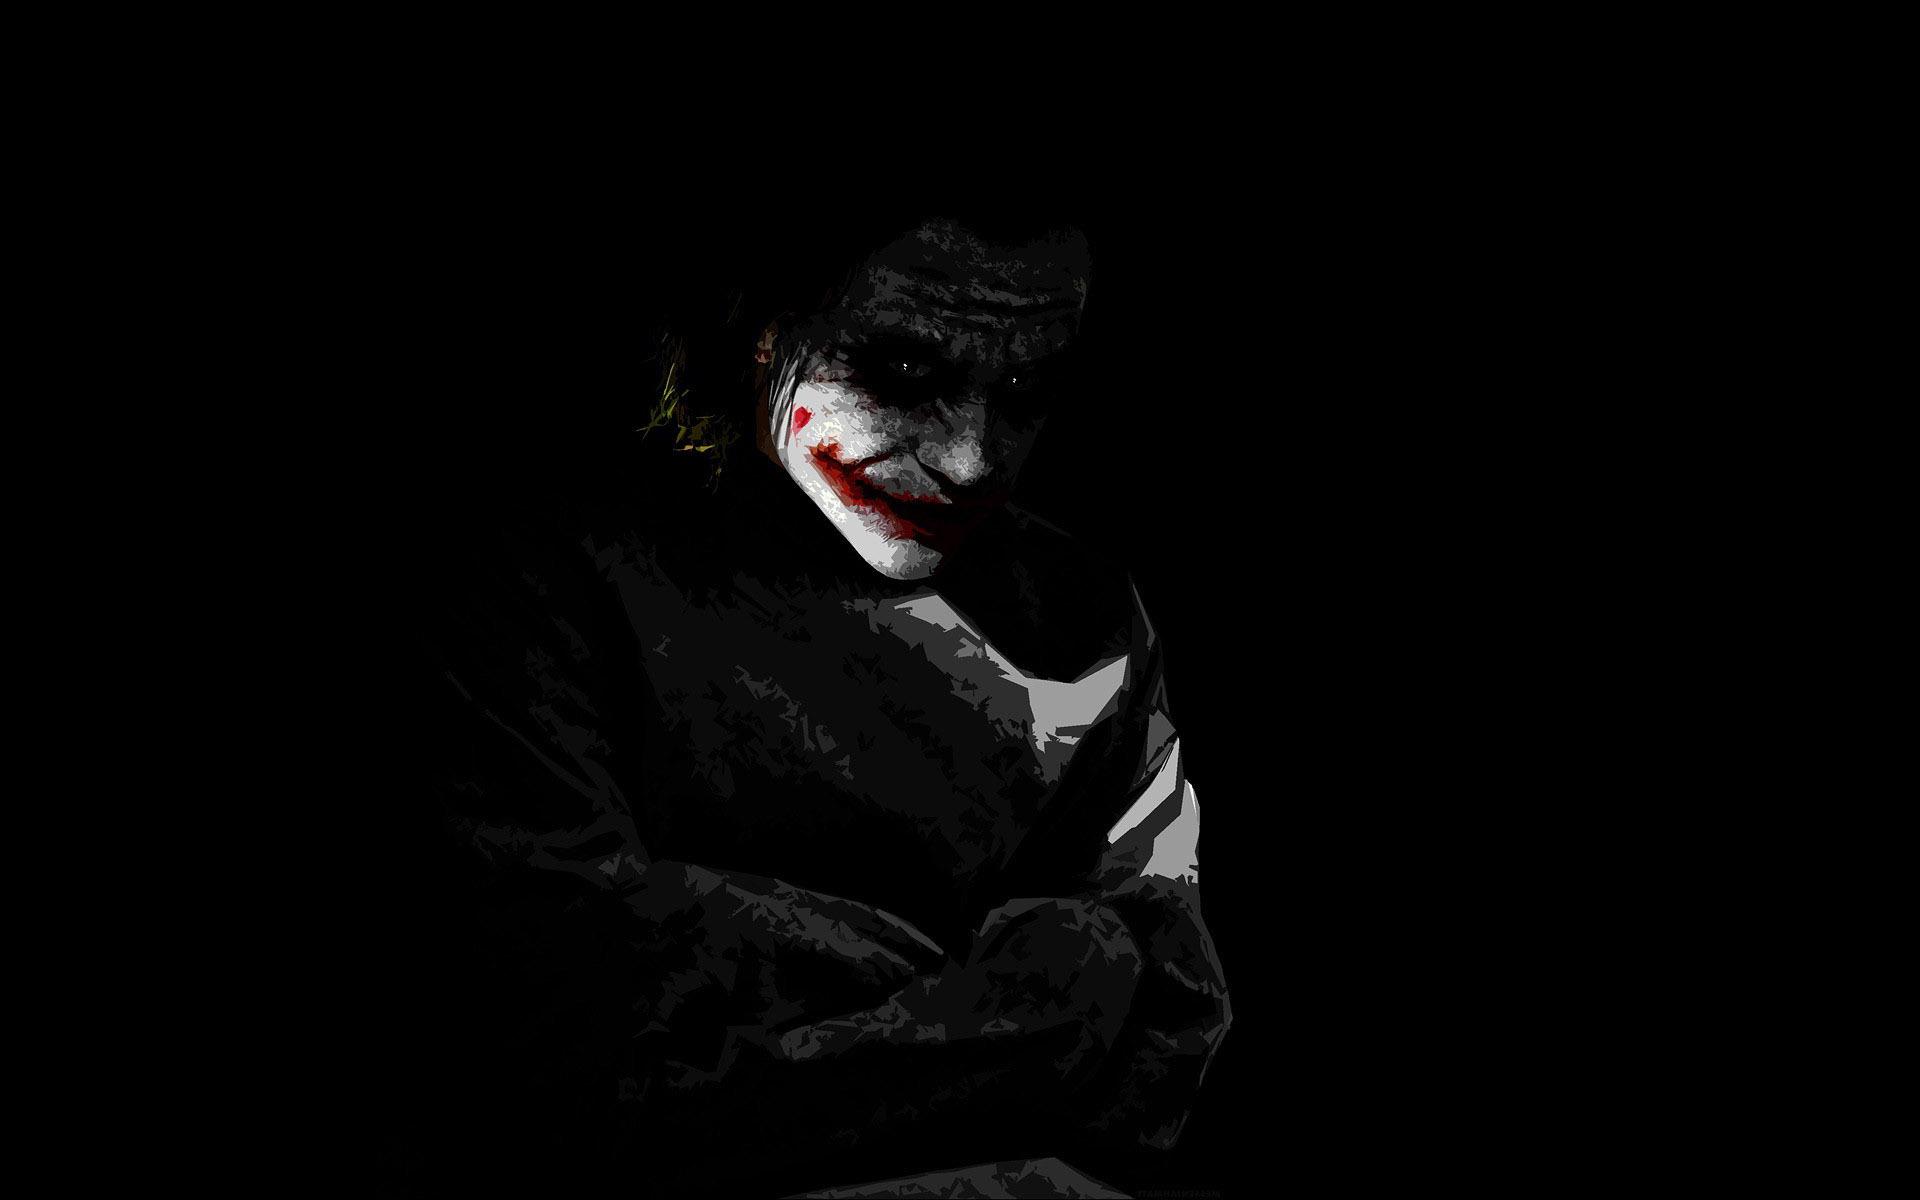 Joker Hd Wallpapers 1080P   HD Wallpapers Pretty 1920x1200